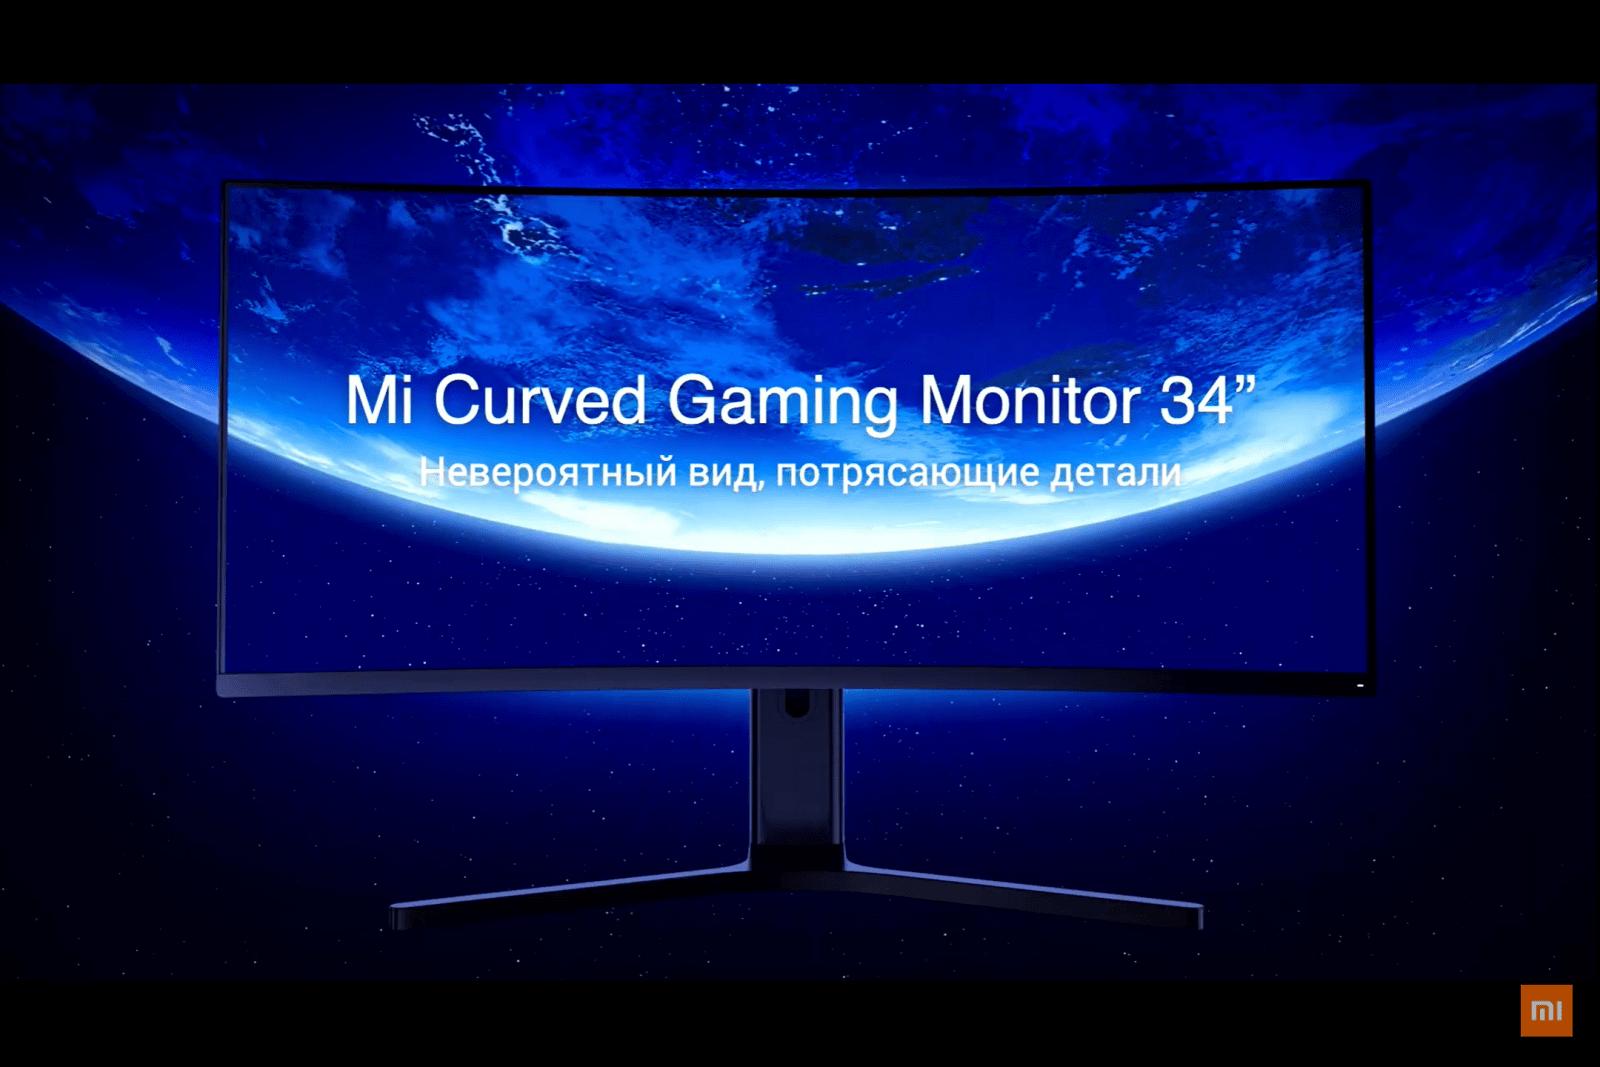 Xiaomi привезла в Россию игровой монитор Mi Curved Gaming Monitor (image 42)